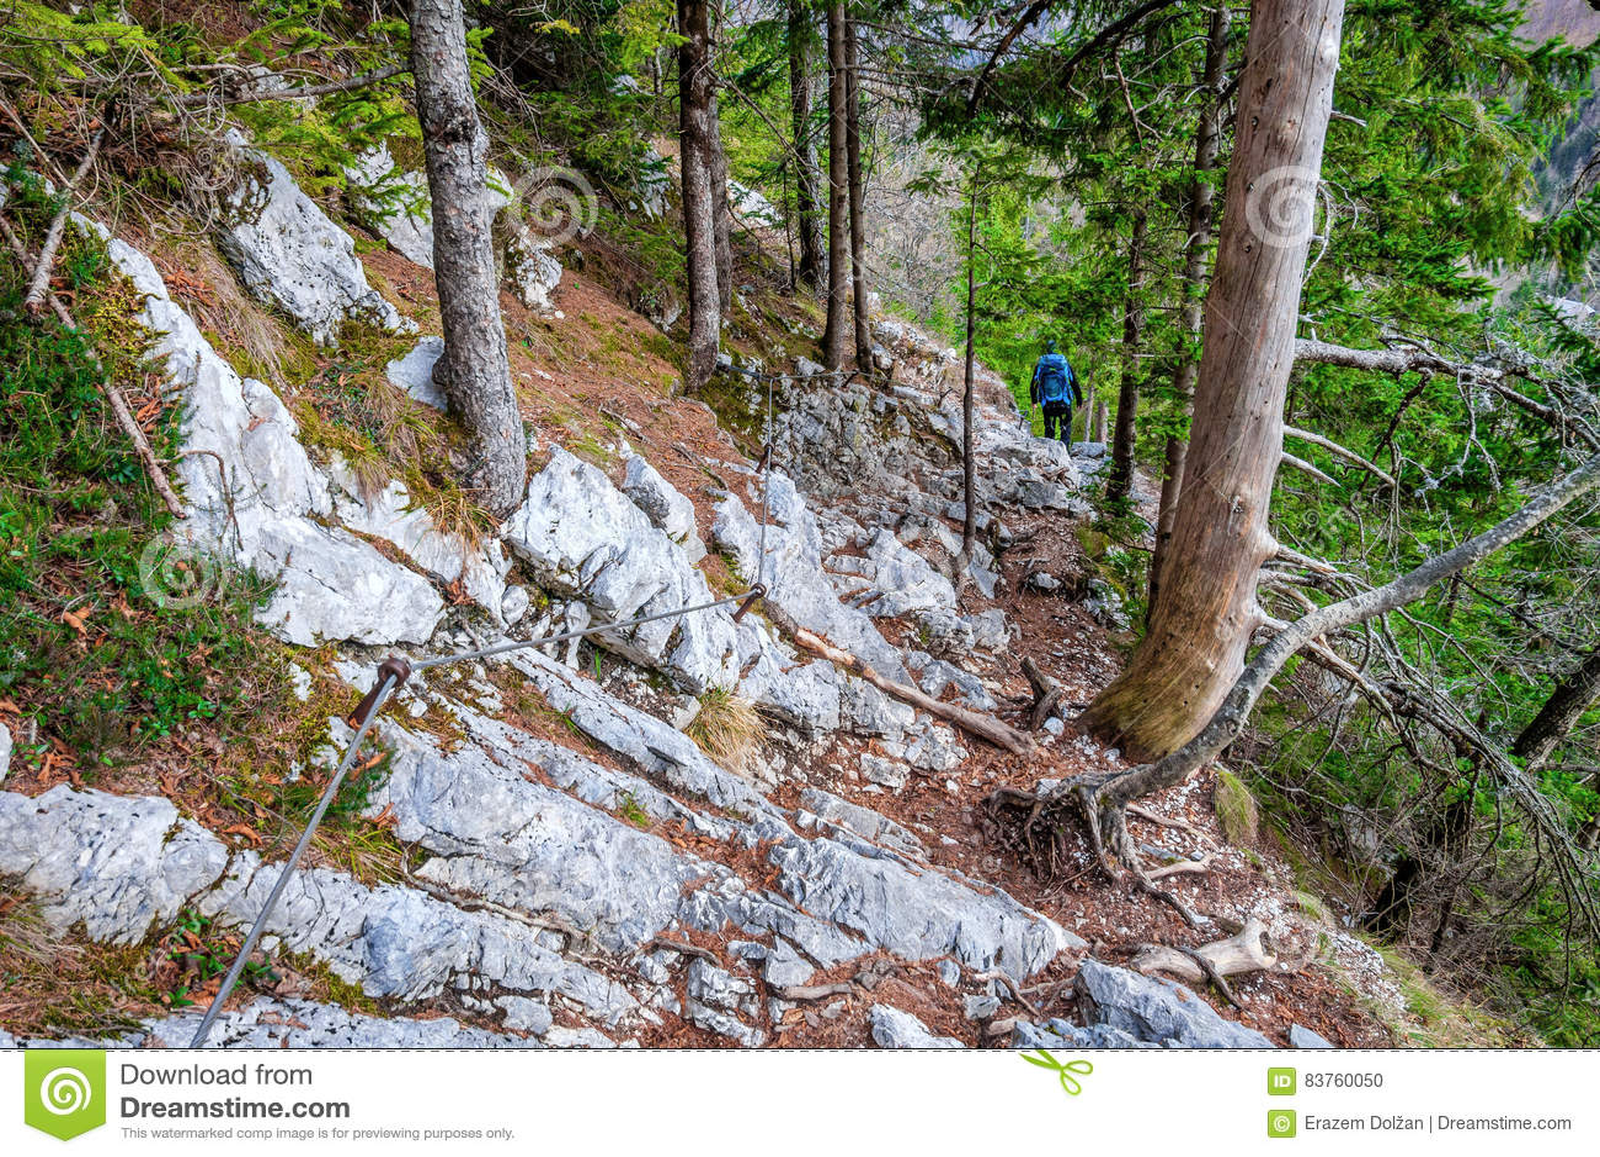 Felsige Spur Mit Kabel Durch Wald Stockfoto - Bild: 83760050